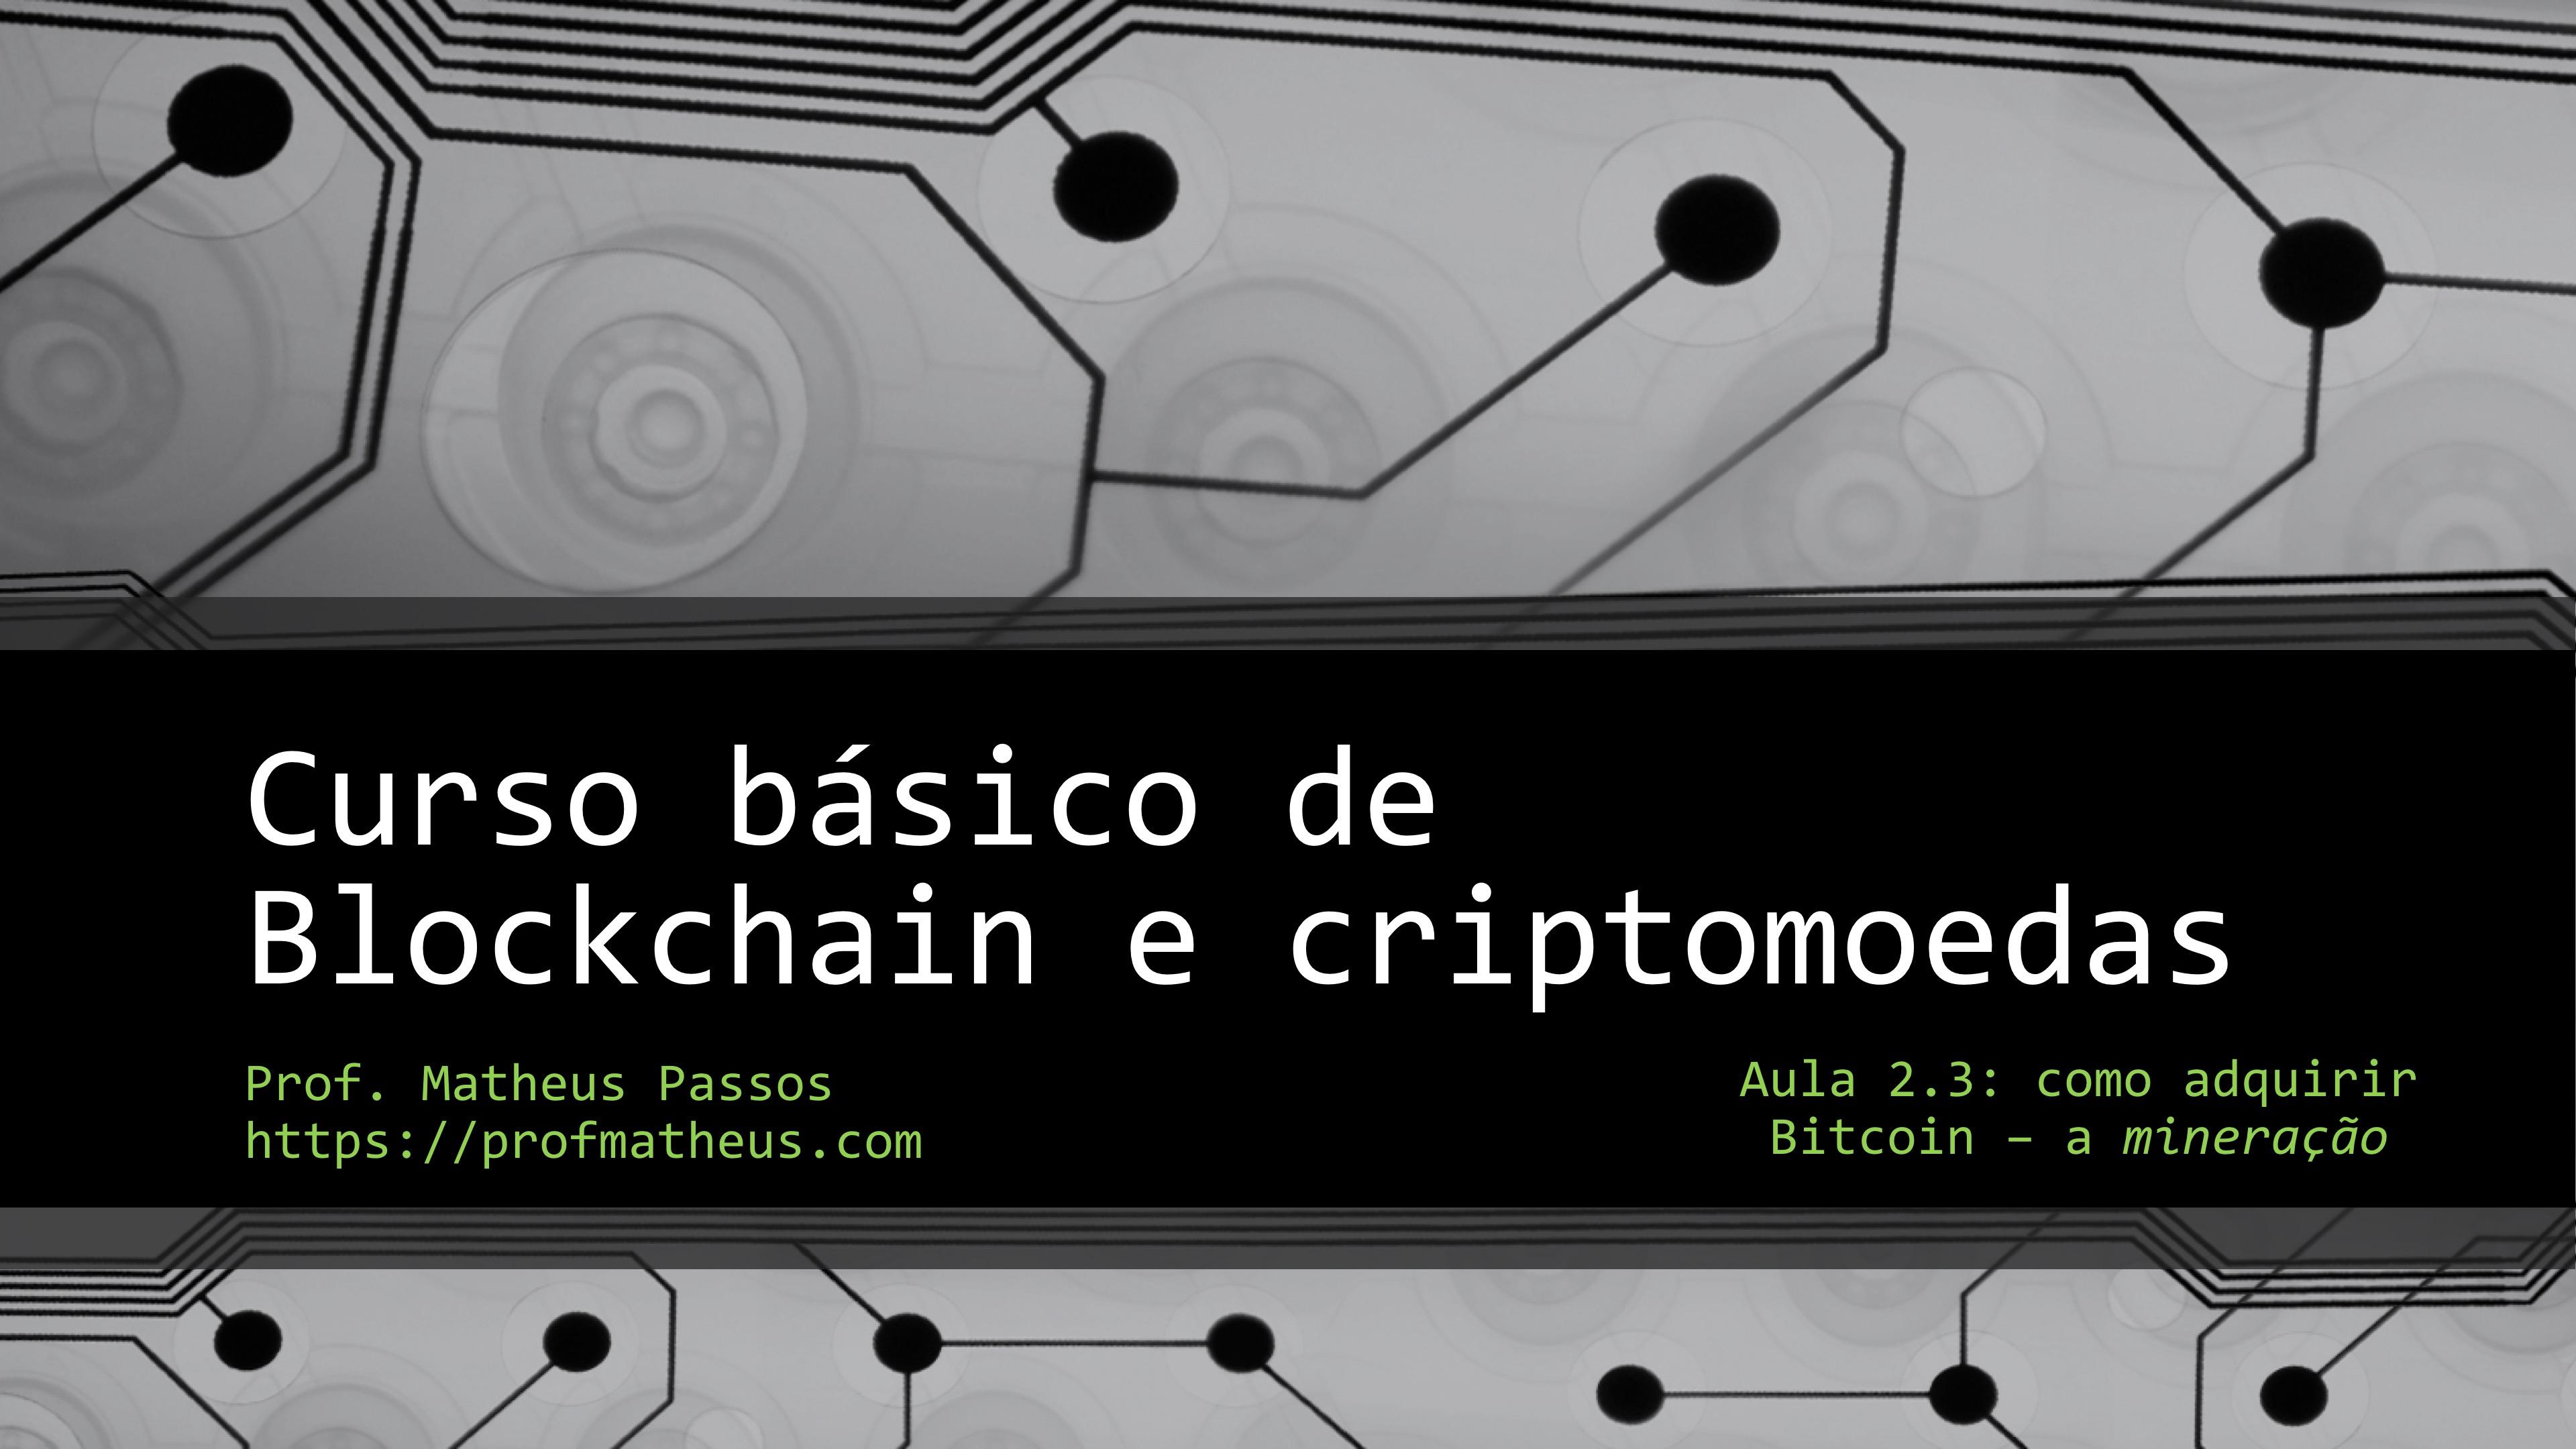 Como adquirir bitcoin pela mineração